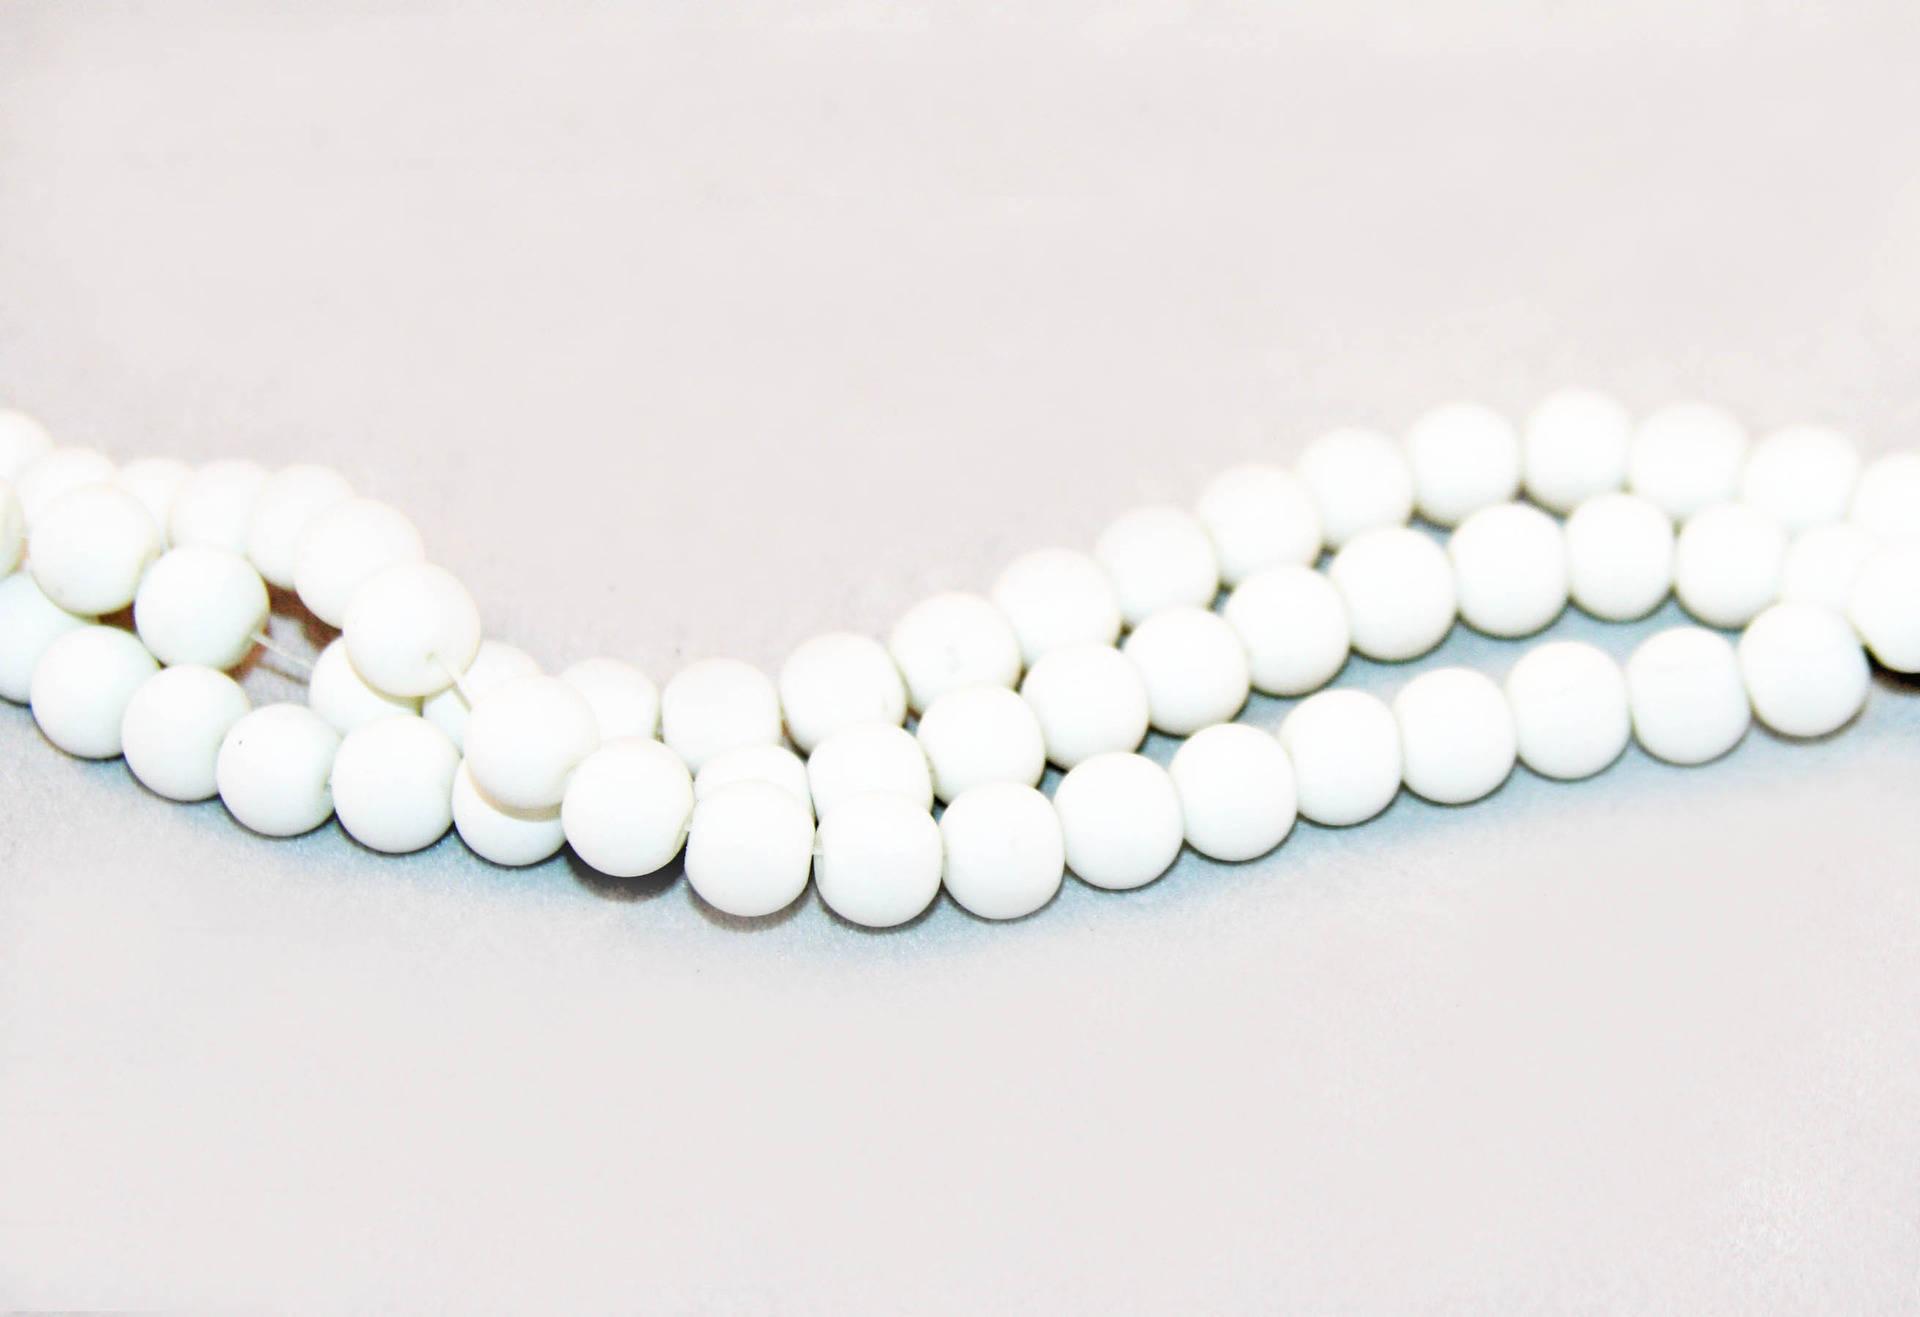 PMC06 - Rares 5 perles en Verre Blanc opaque finit mat doux effet caoutchouc Vintage Romantique de 8mm